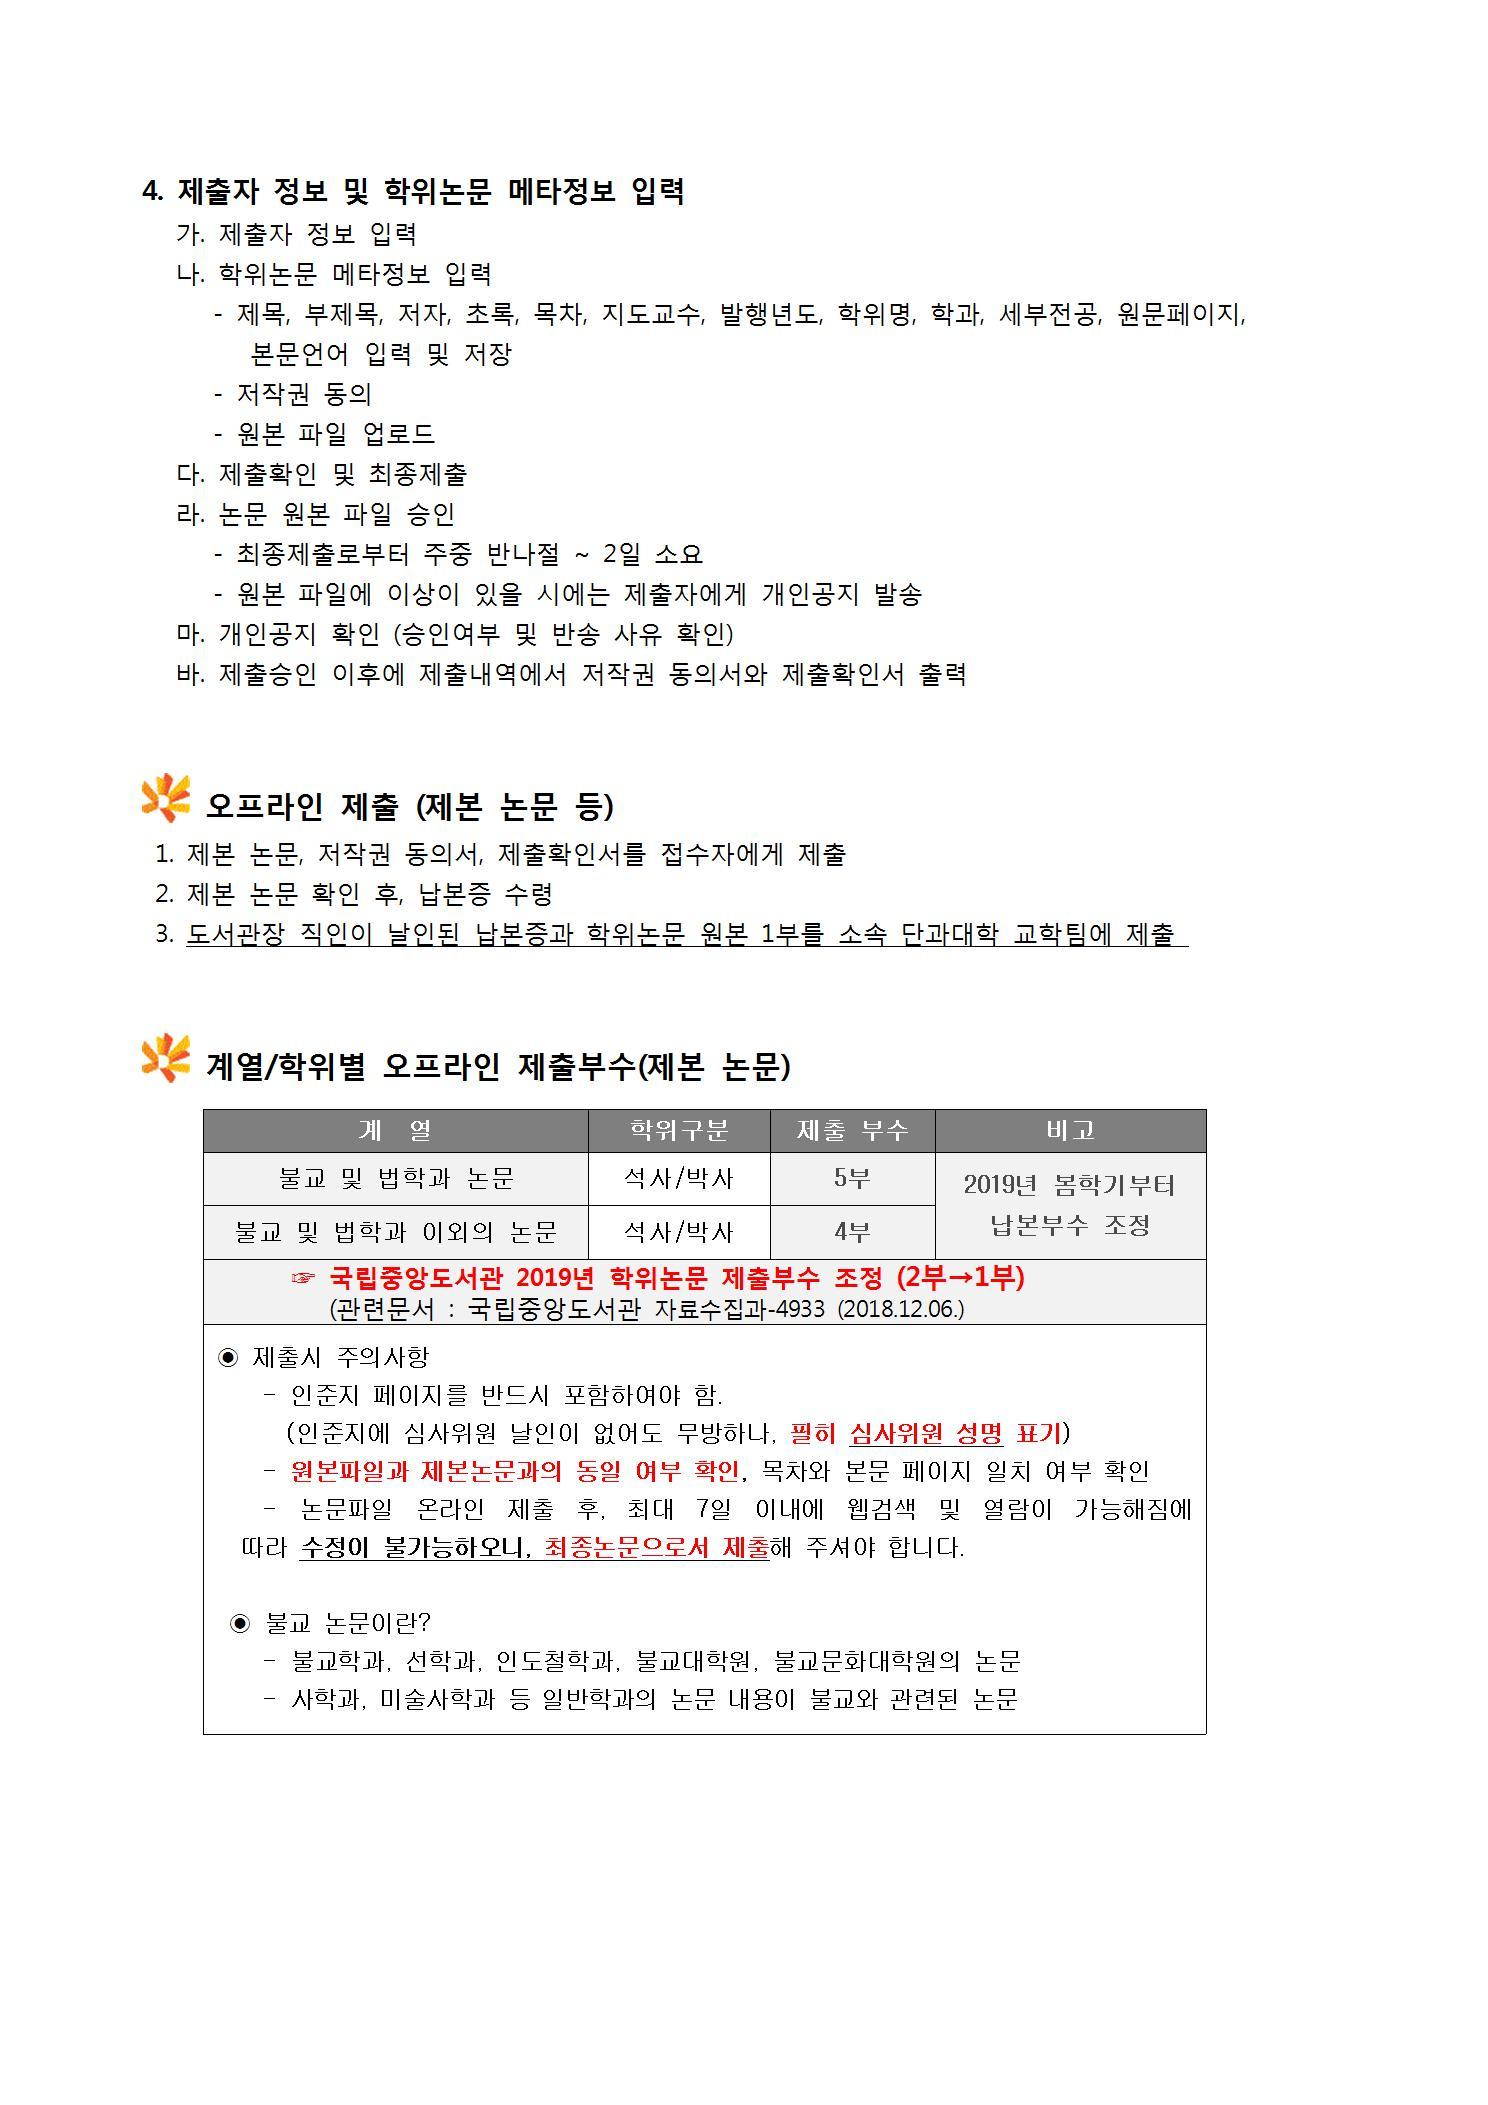 1. 학위논문 제출시 필독사항(이용자용)_2019학년도 봄학기004